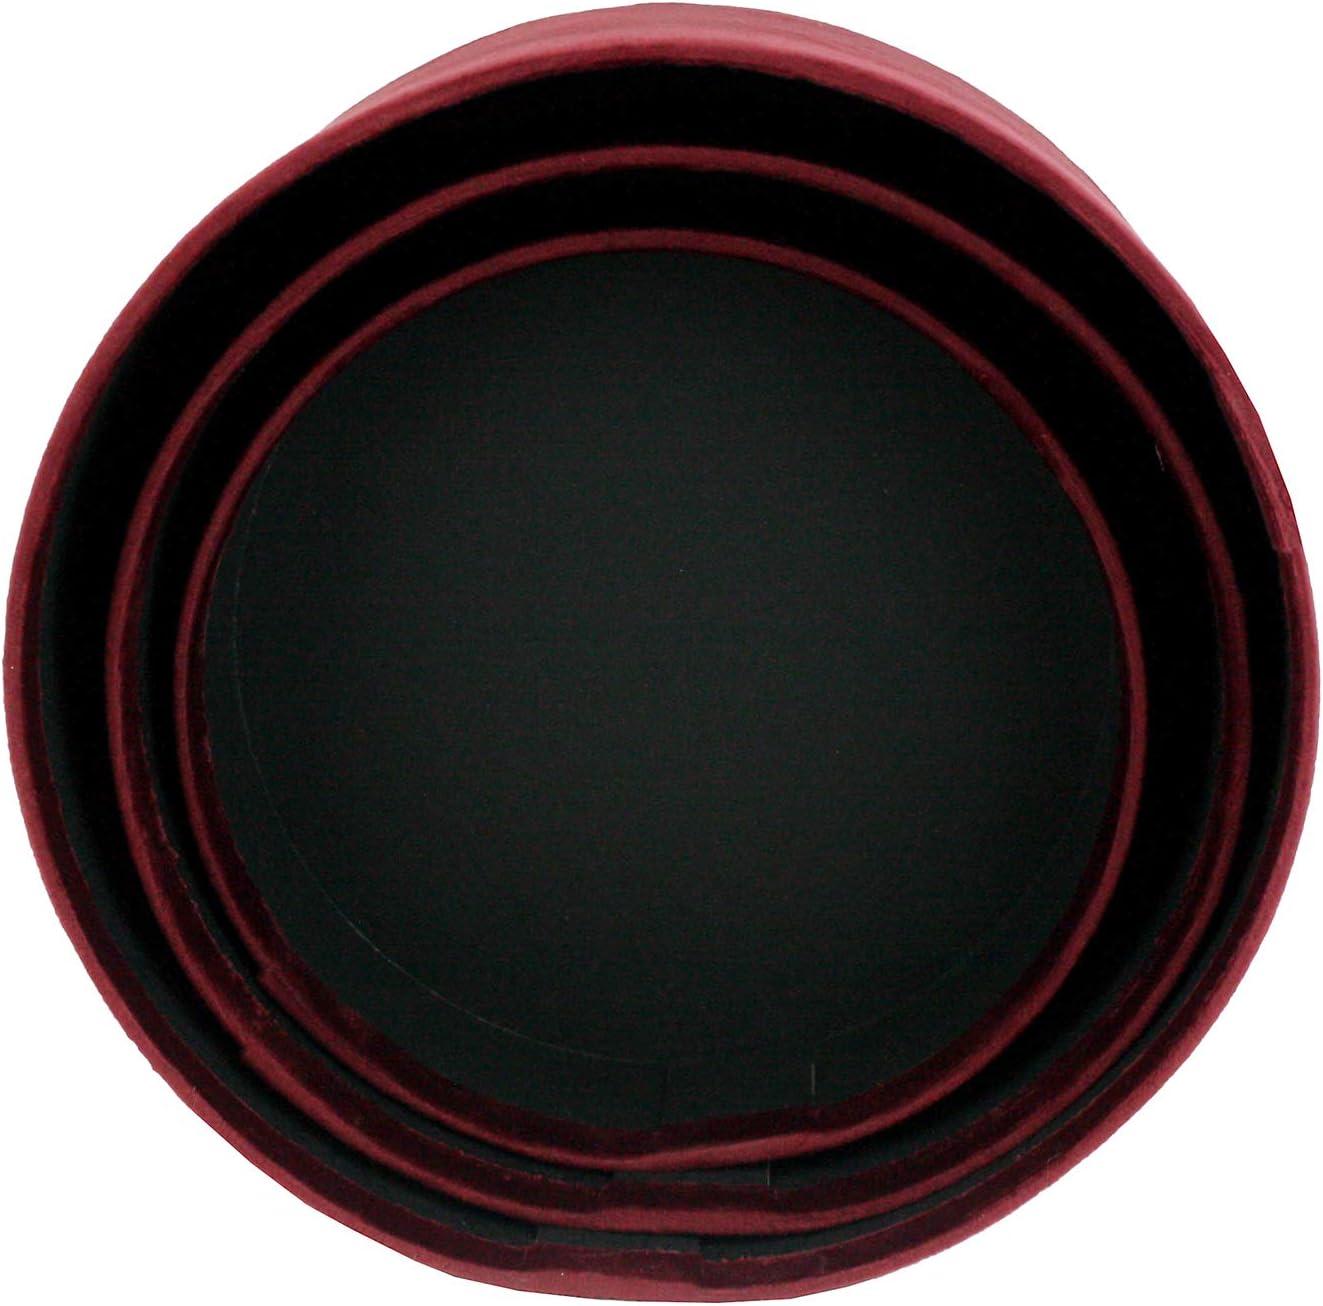 Emartbuy Set di 3 Confezione Regalo Rigida di Lusso in Velluto a Forma di Rotonda Scatola Regalo Bordeaux Con Interno Nero e Nastro Decorativo a Strisce